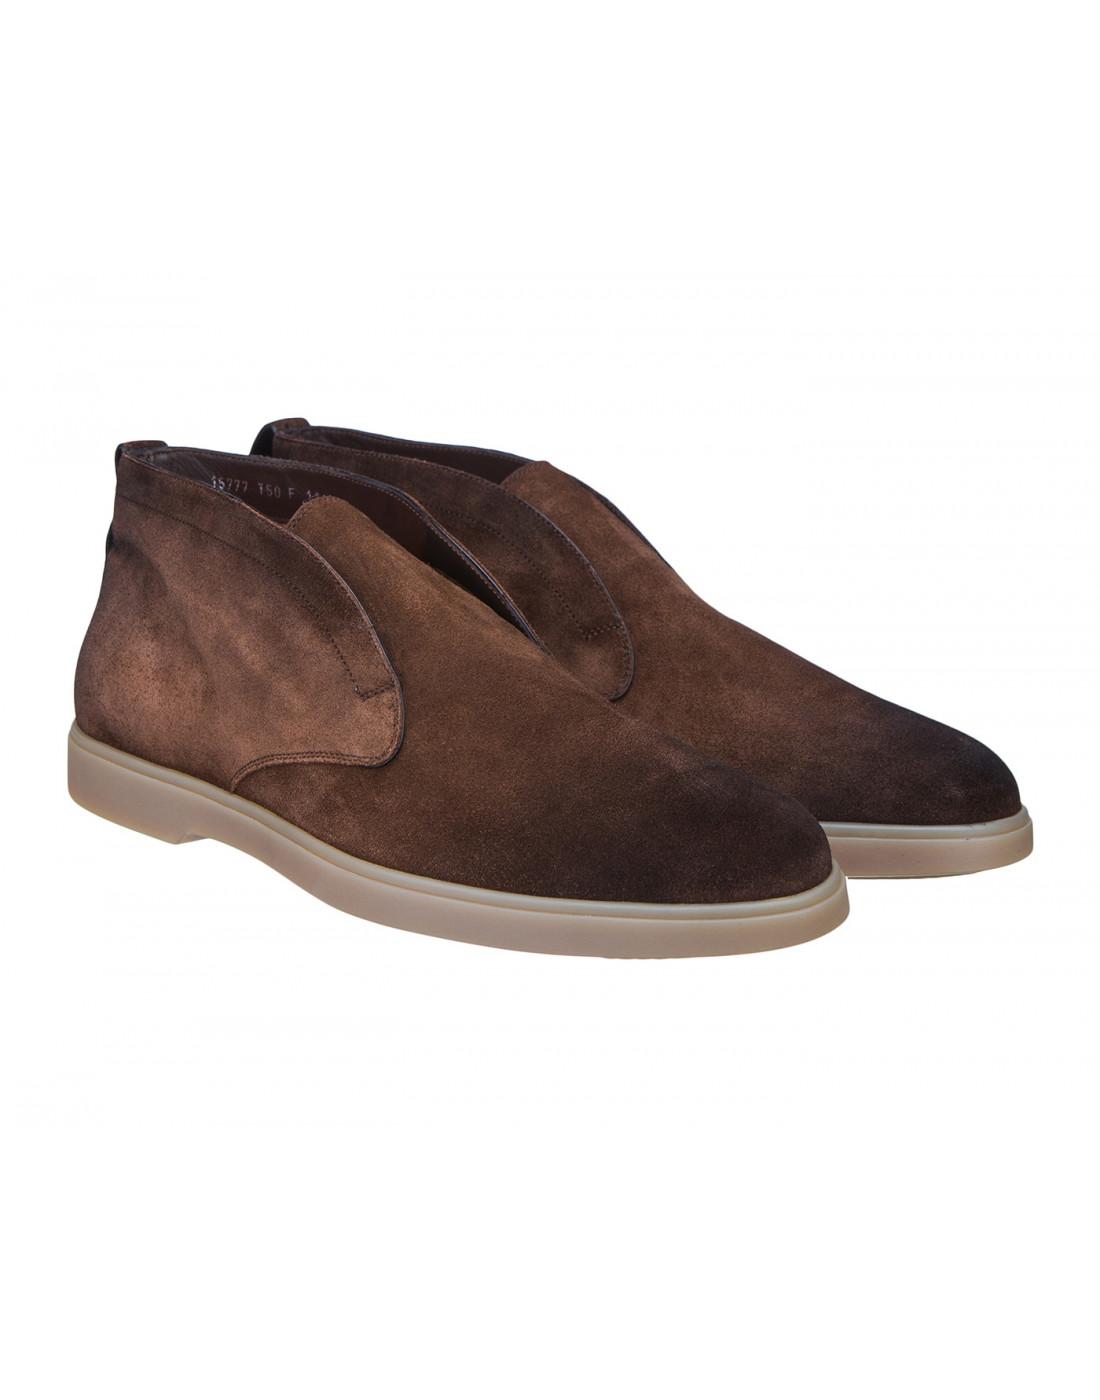 Ботинки коричневые мужские Santoni S15777-2